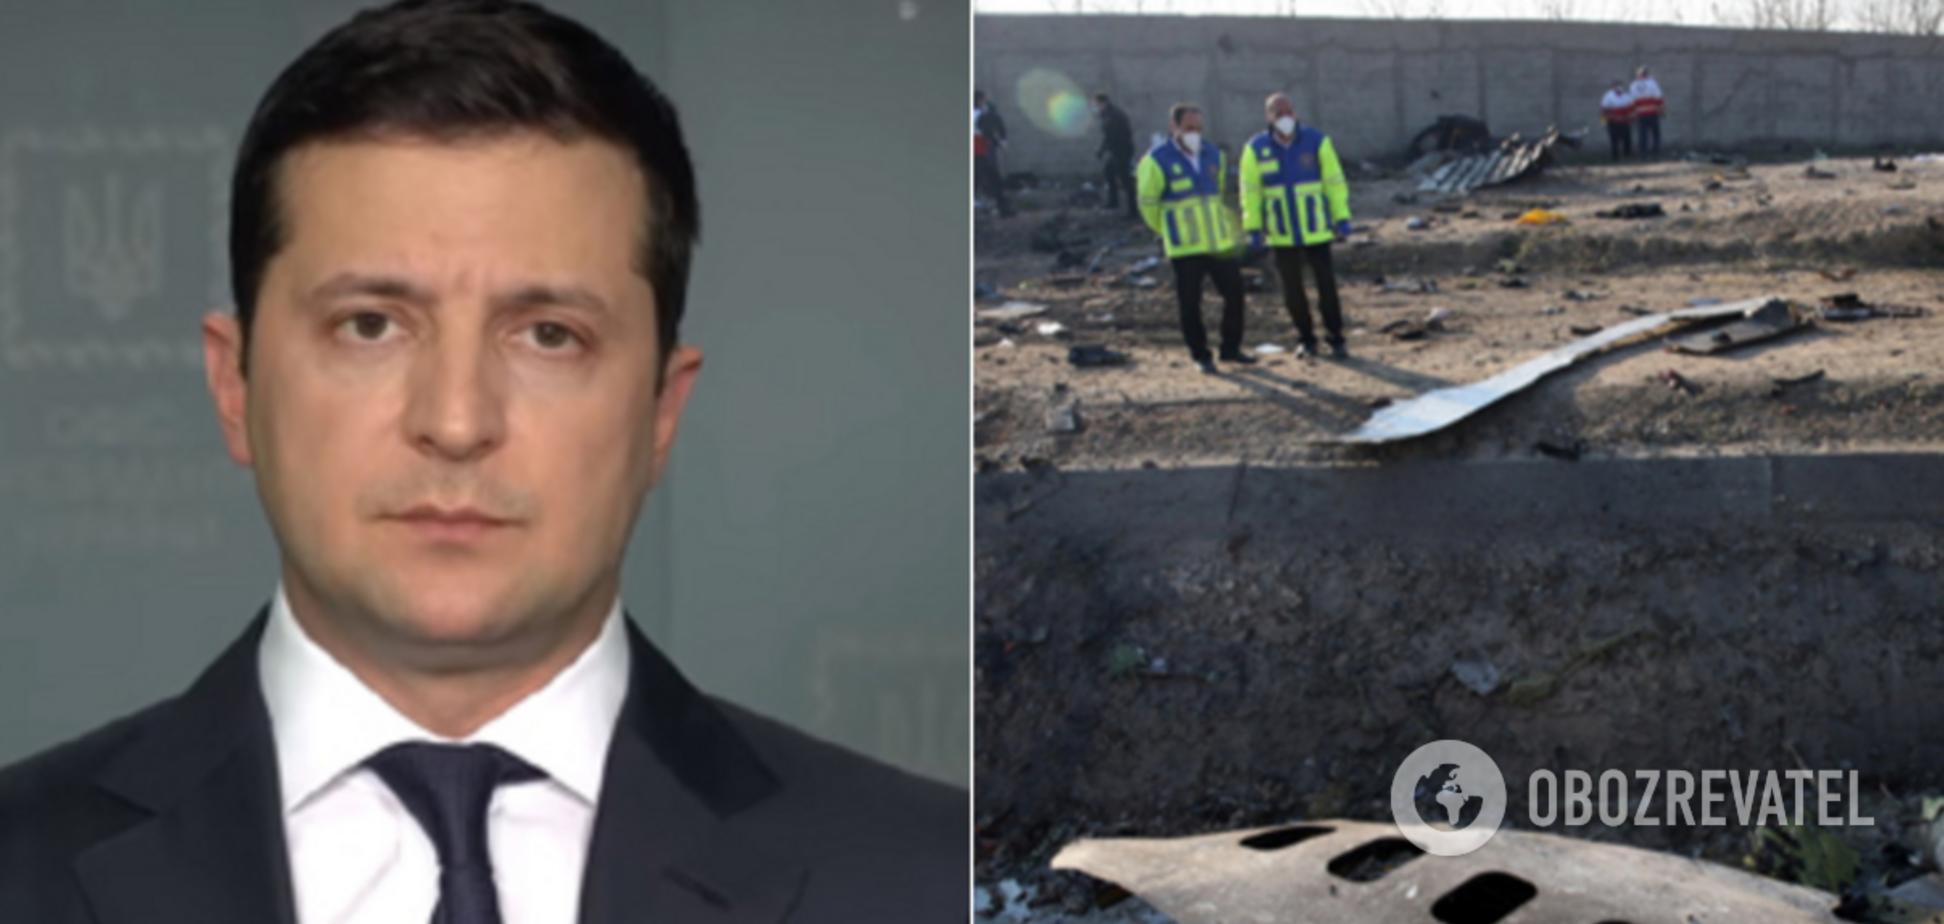 Зеленський терміново звернувся до українців після гучного зізнання Ірану